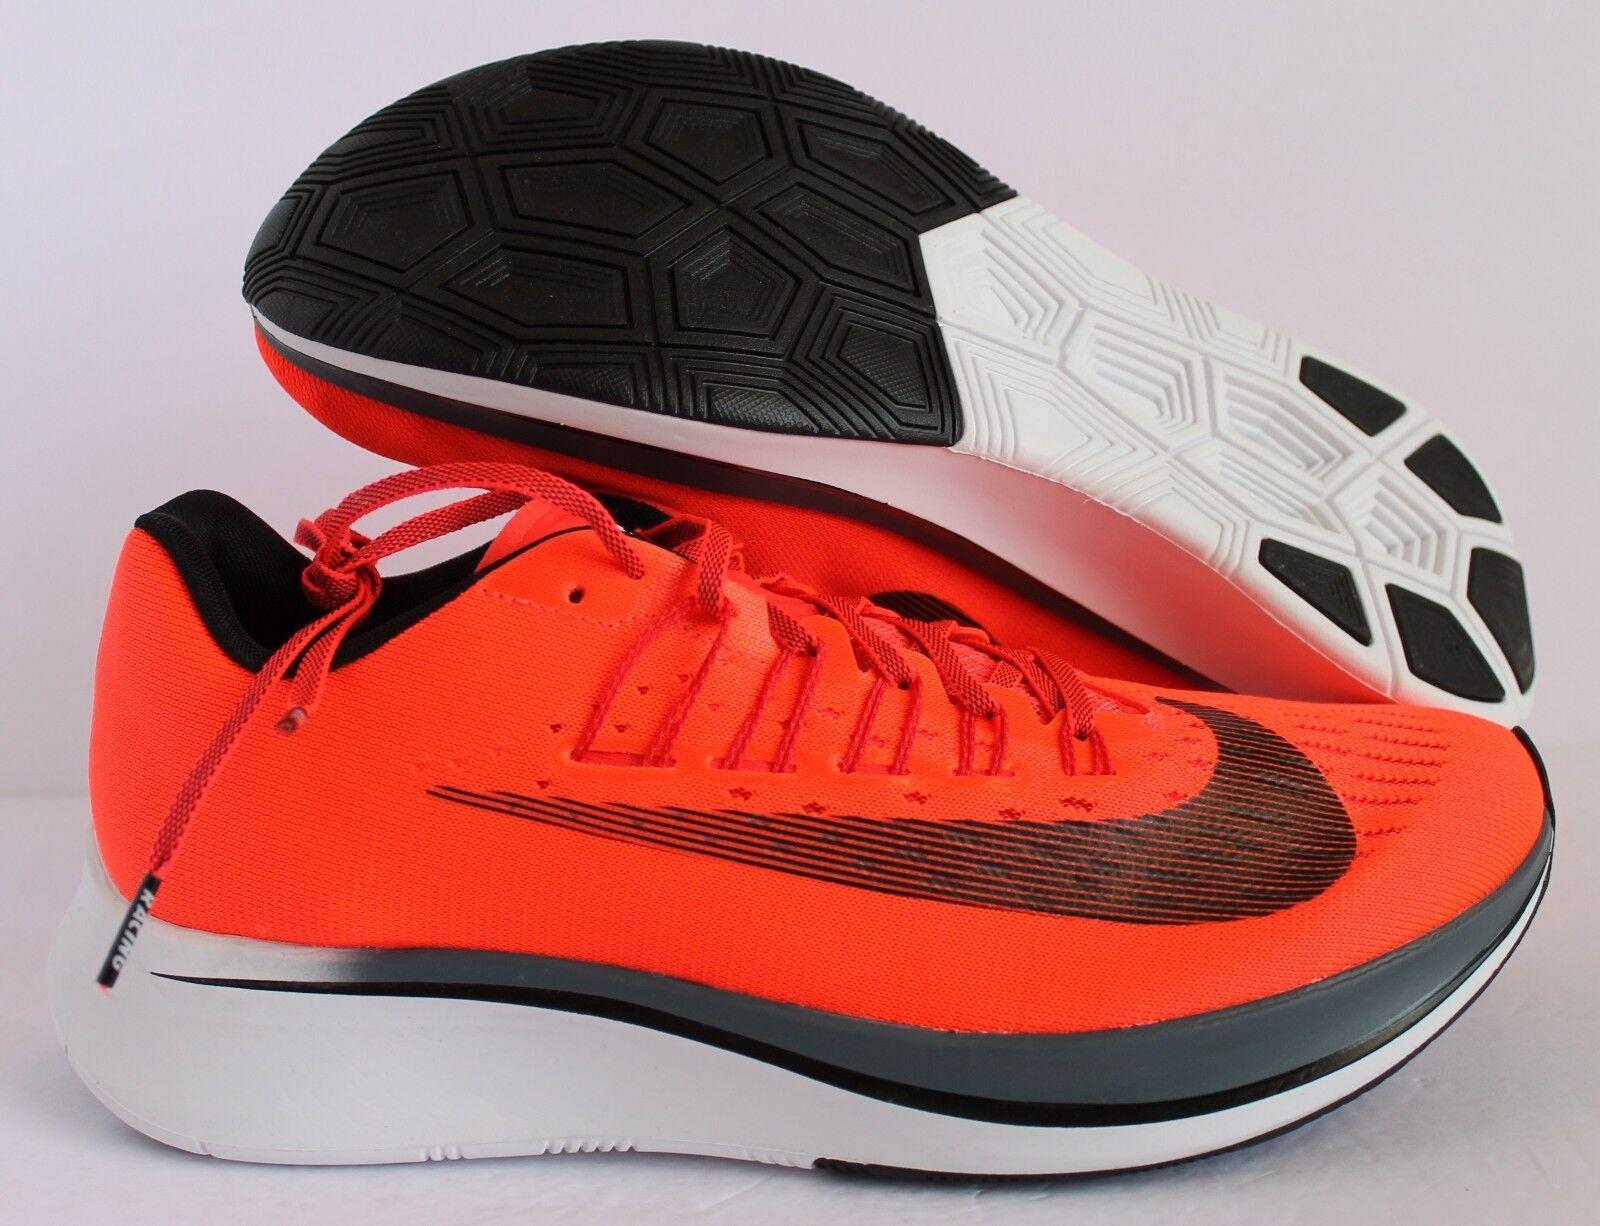 Nike Zoom red-Negro-Azul Fly Bright Crimson red-Negro-Azul Zoom Fox reduccion de precio casual salvaje 24b896